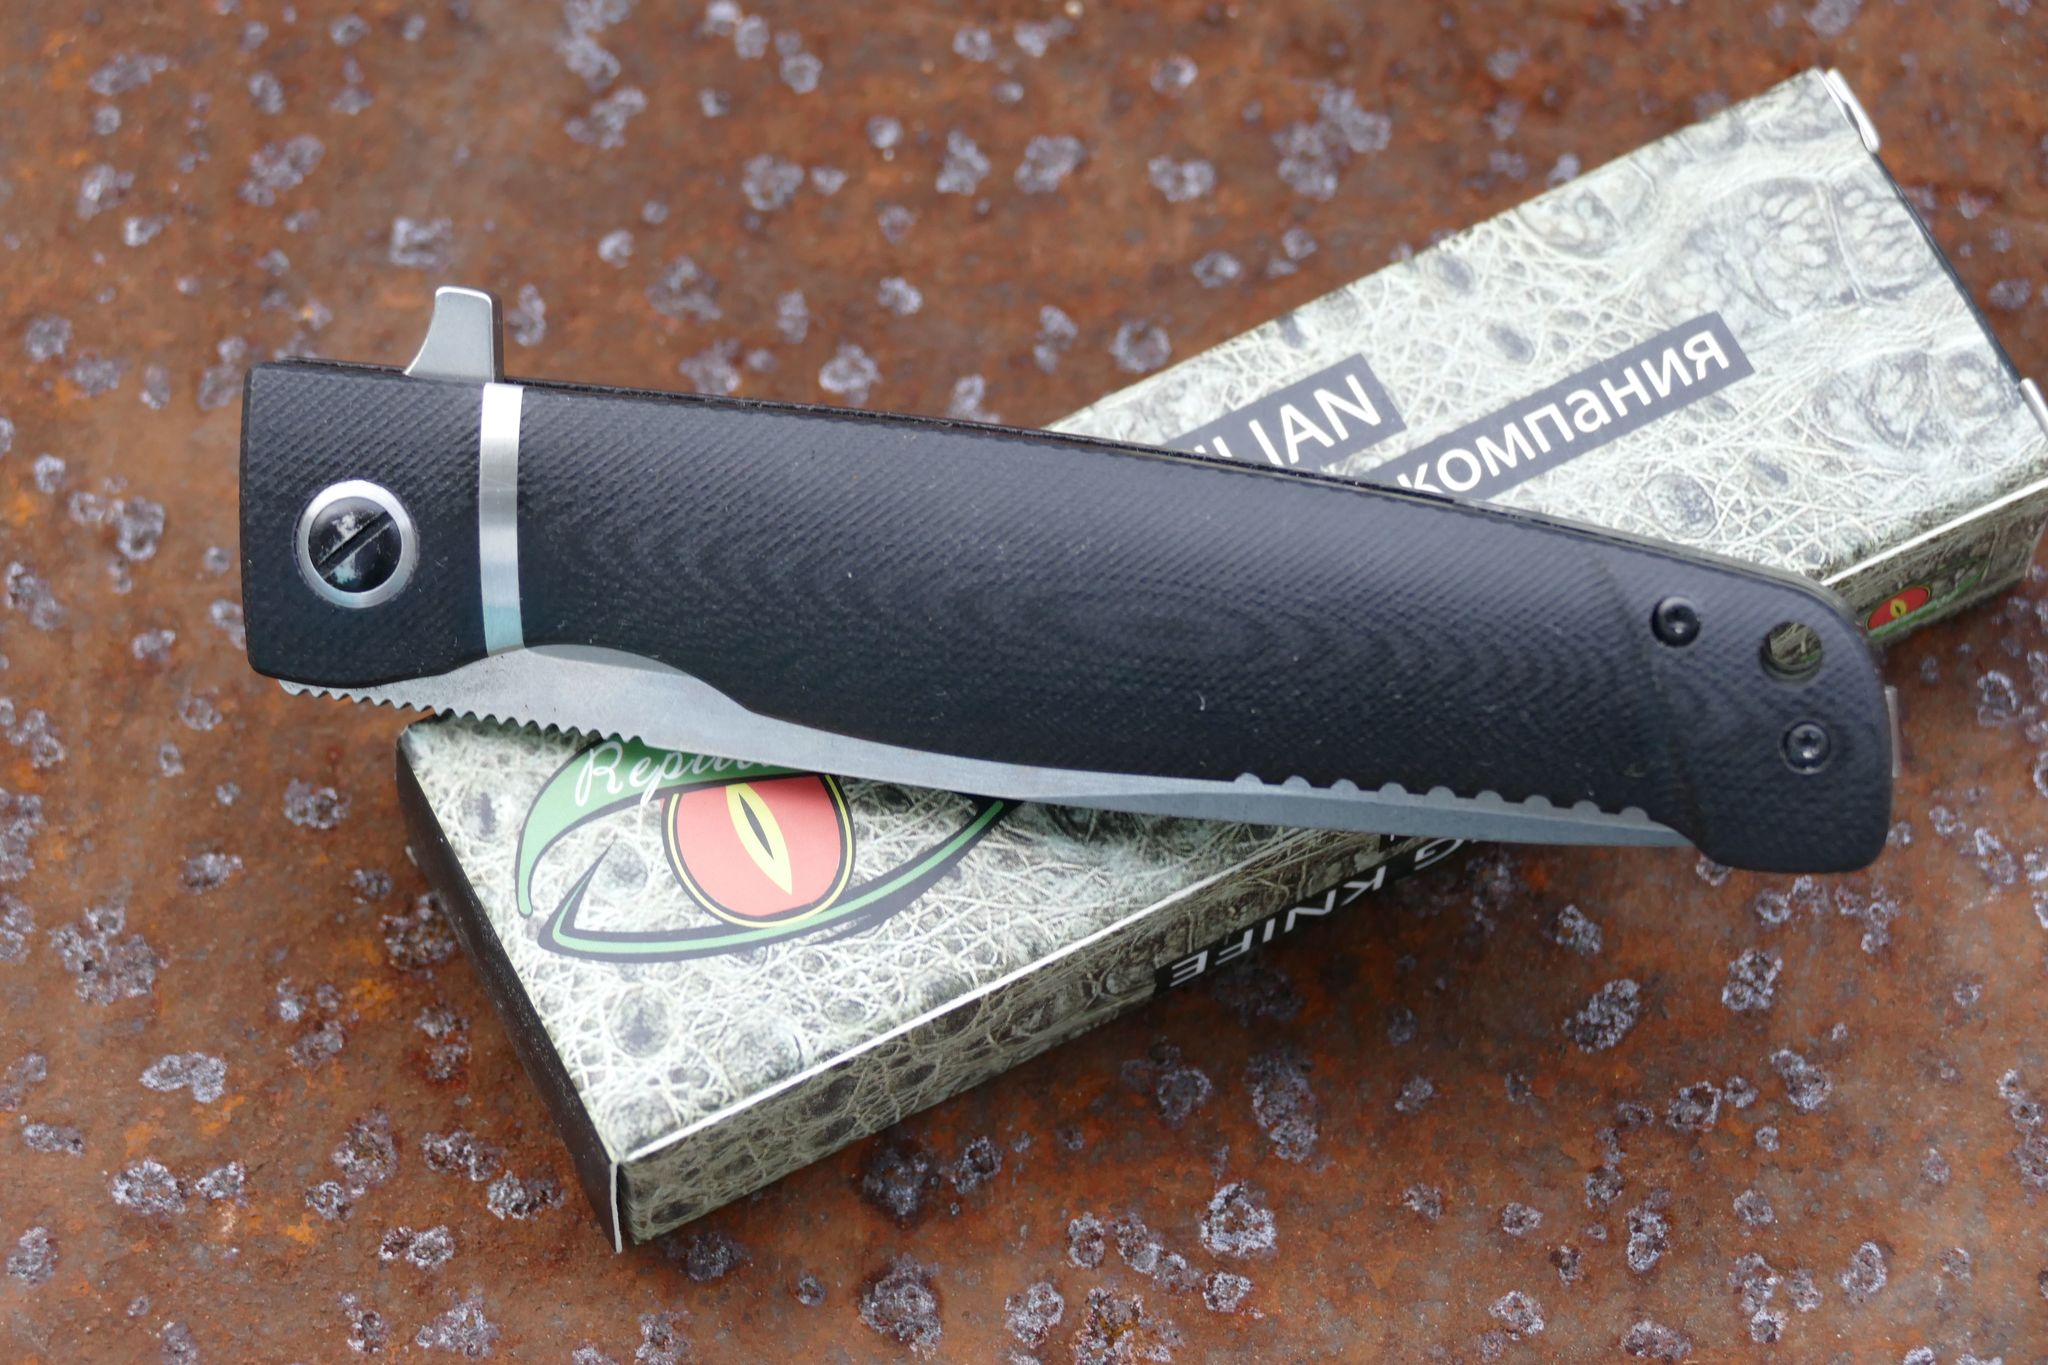 Фото 8 - Складной нож Карат 3 от Reptilian